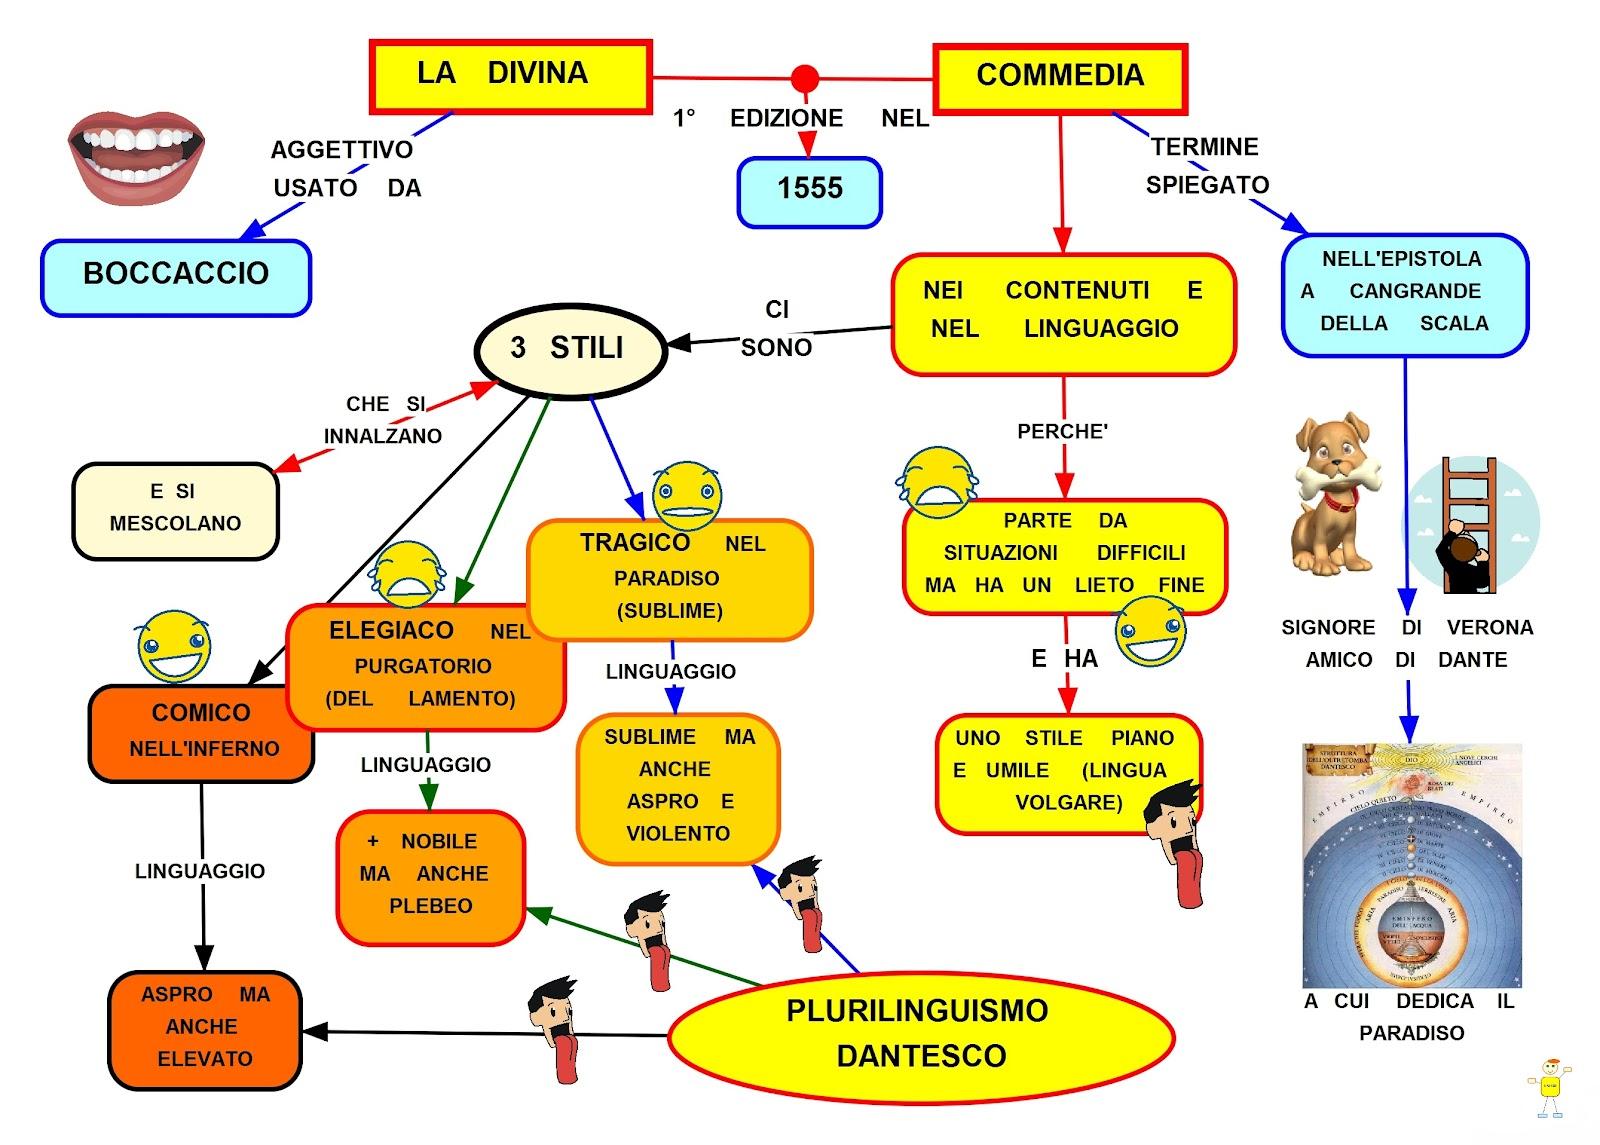 Dicina Commedia mappa concettuale